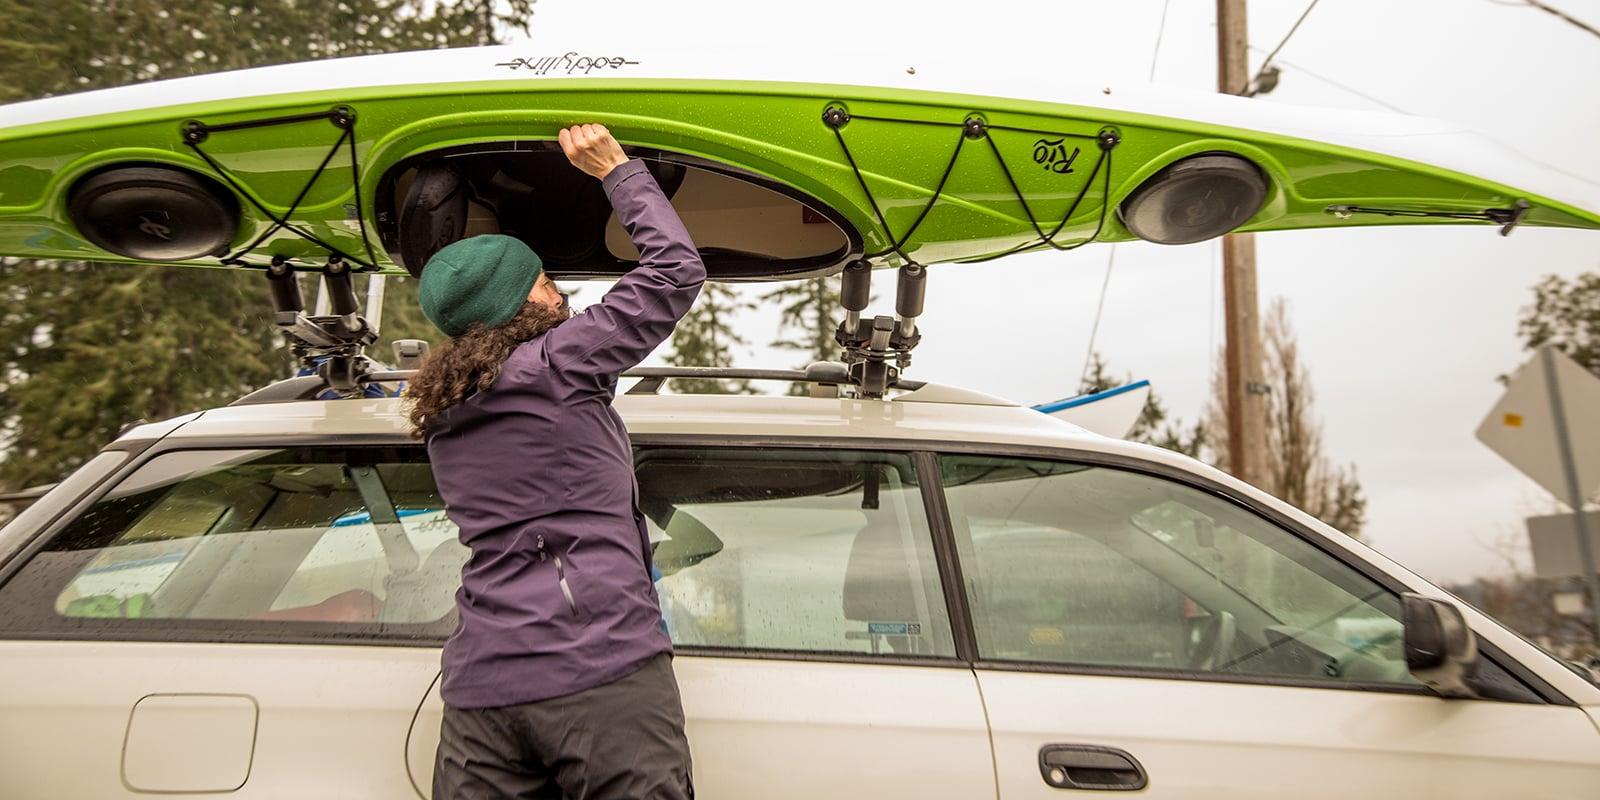 cartop kayak carriers how to choose